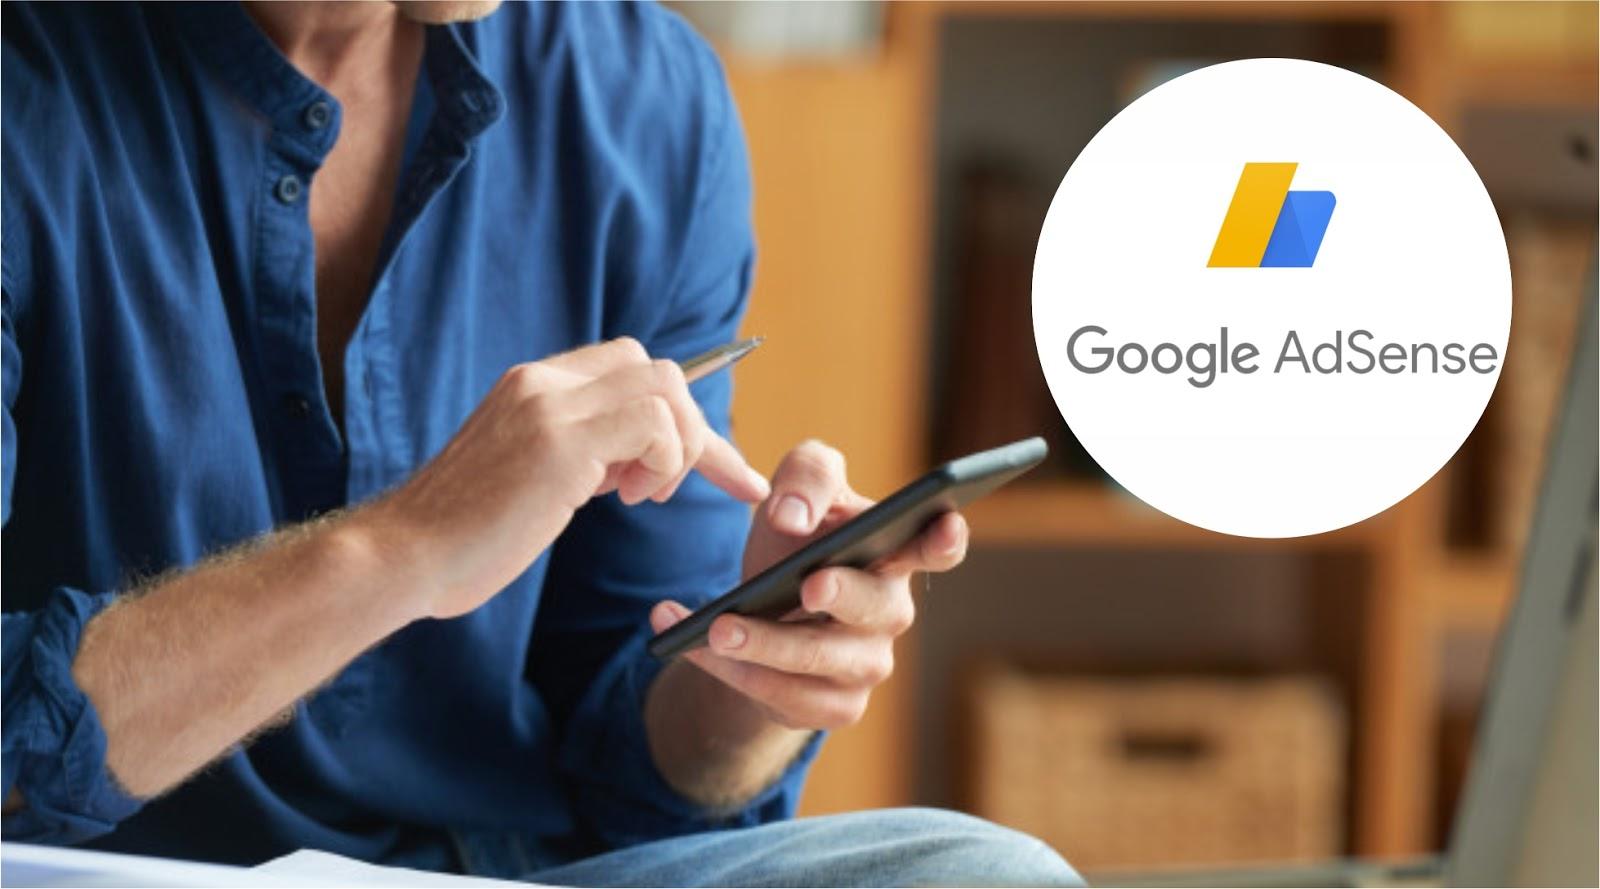 cara daftar google adsense di hp mudah